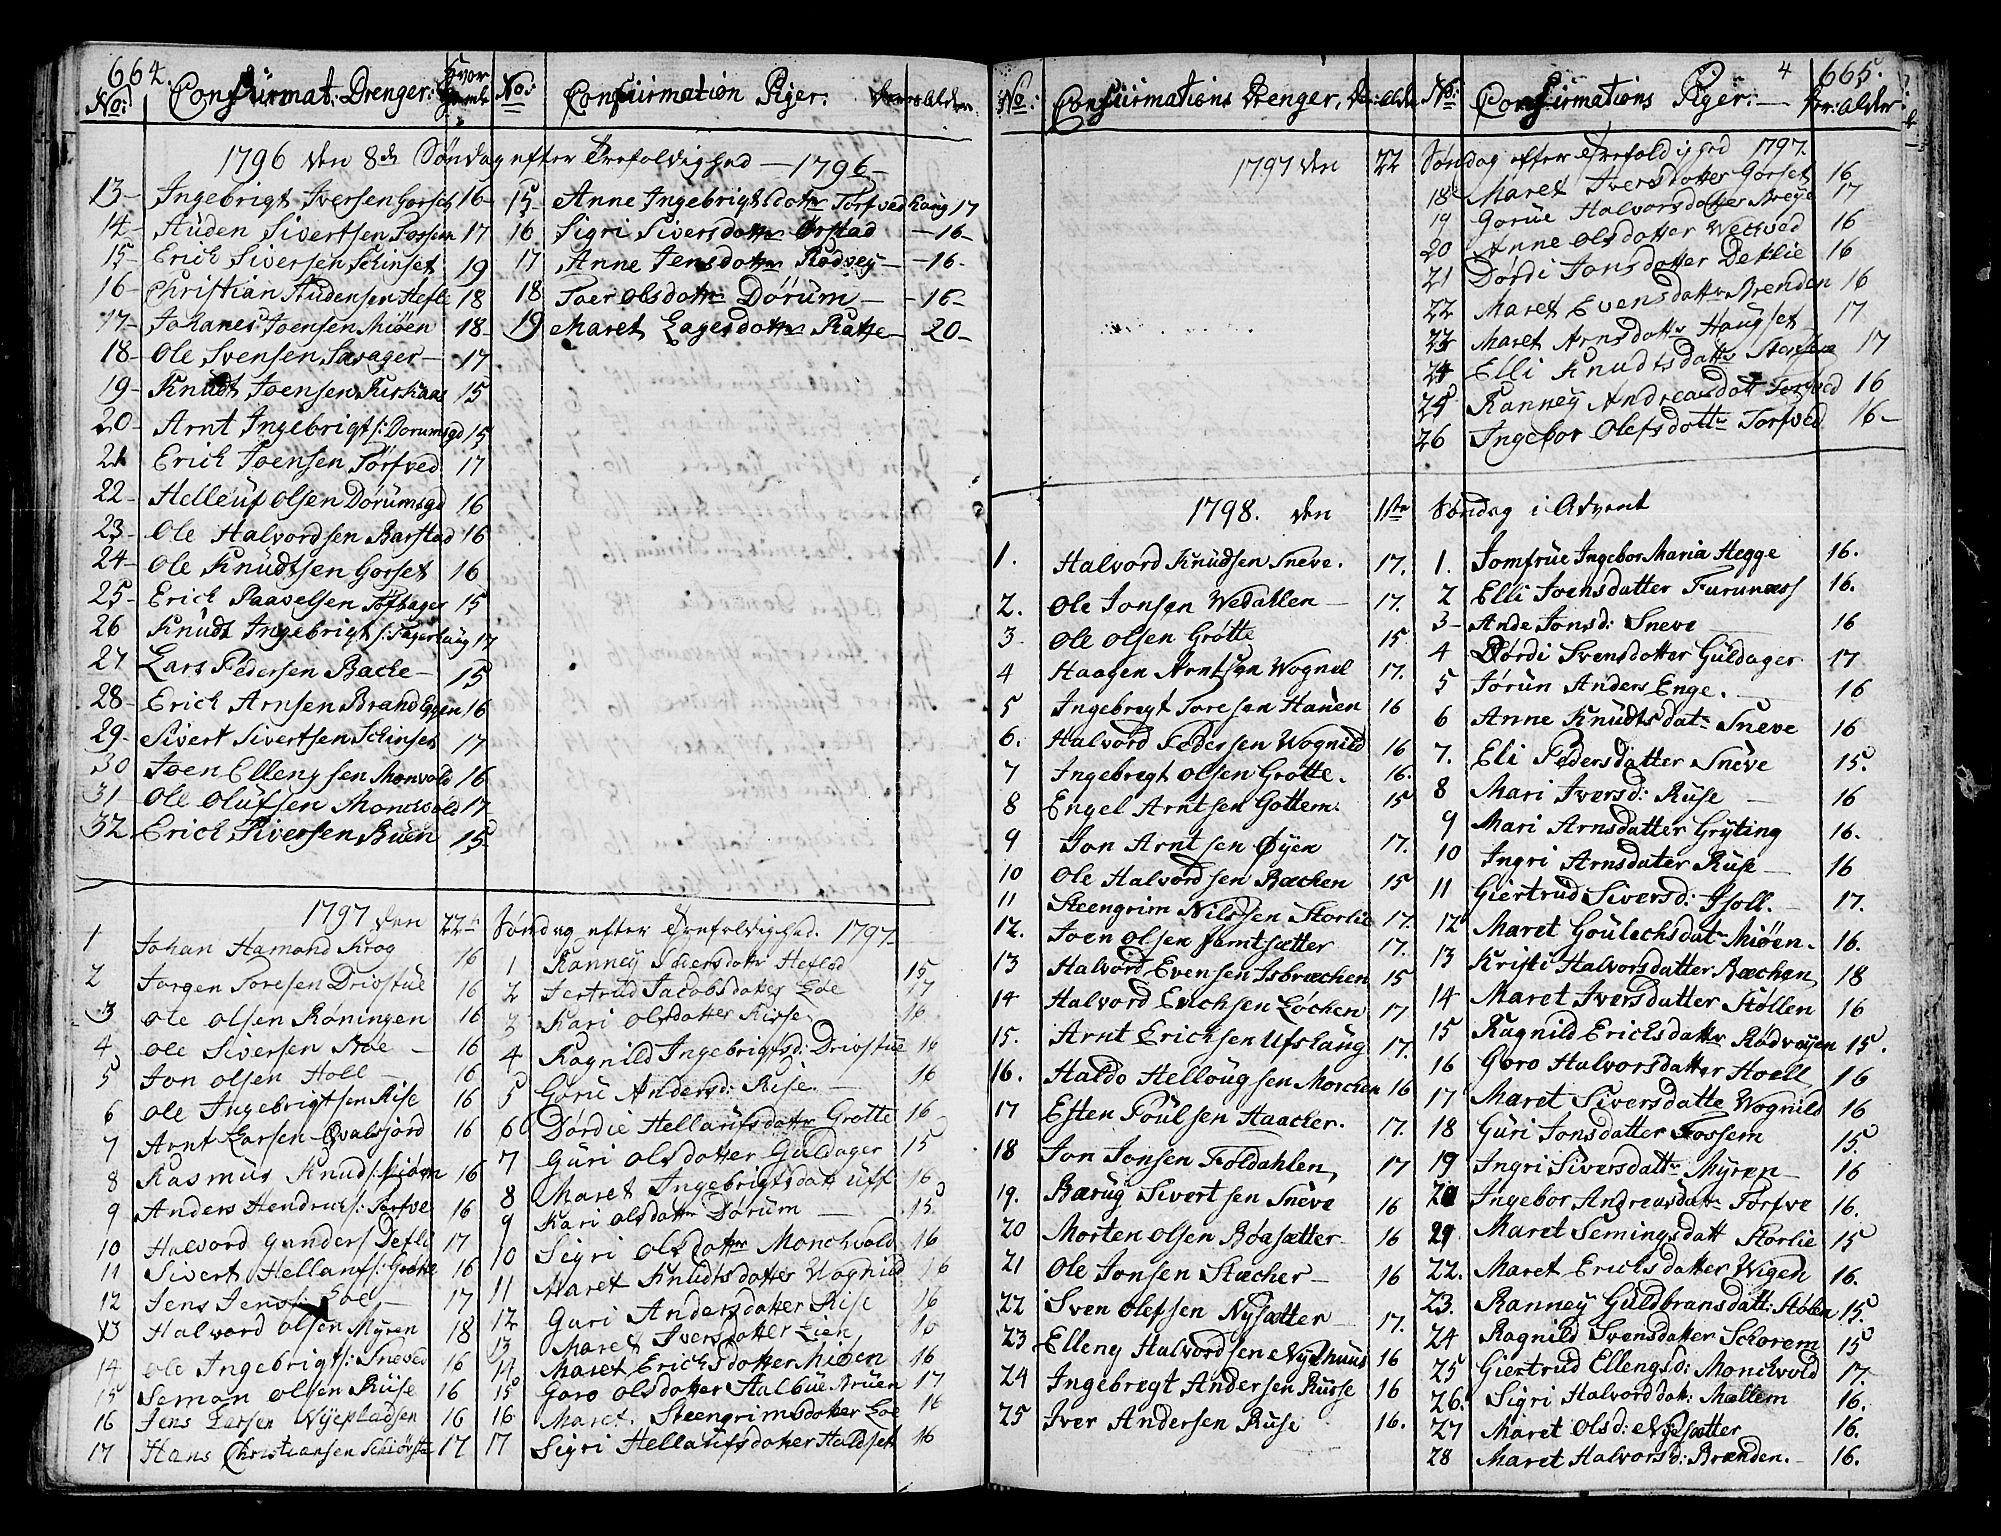 SAT, Ministerialprotokoller, klokkerbøker og fødselsregistre - Sør-Trøndelag, 678/L0893: Ministerialbok nr. 678A03, 1792-1805, s. 664-665